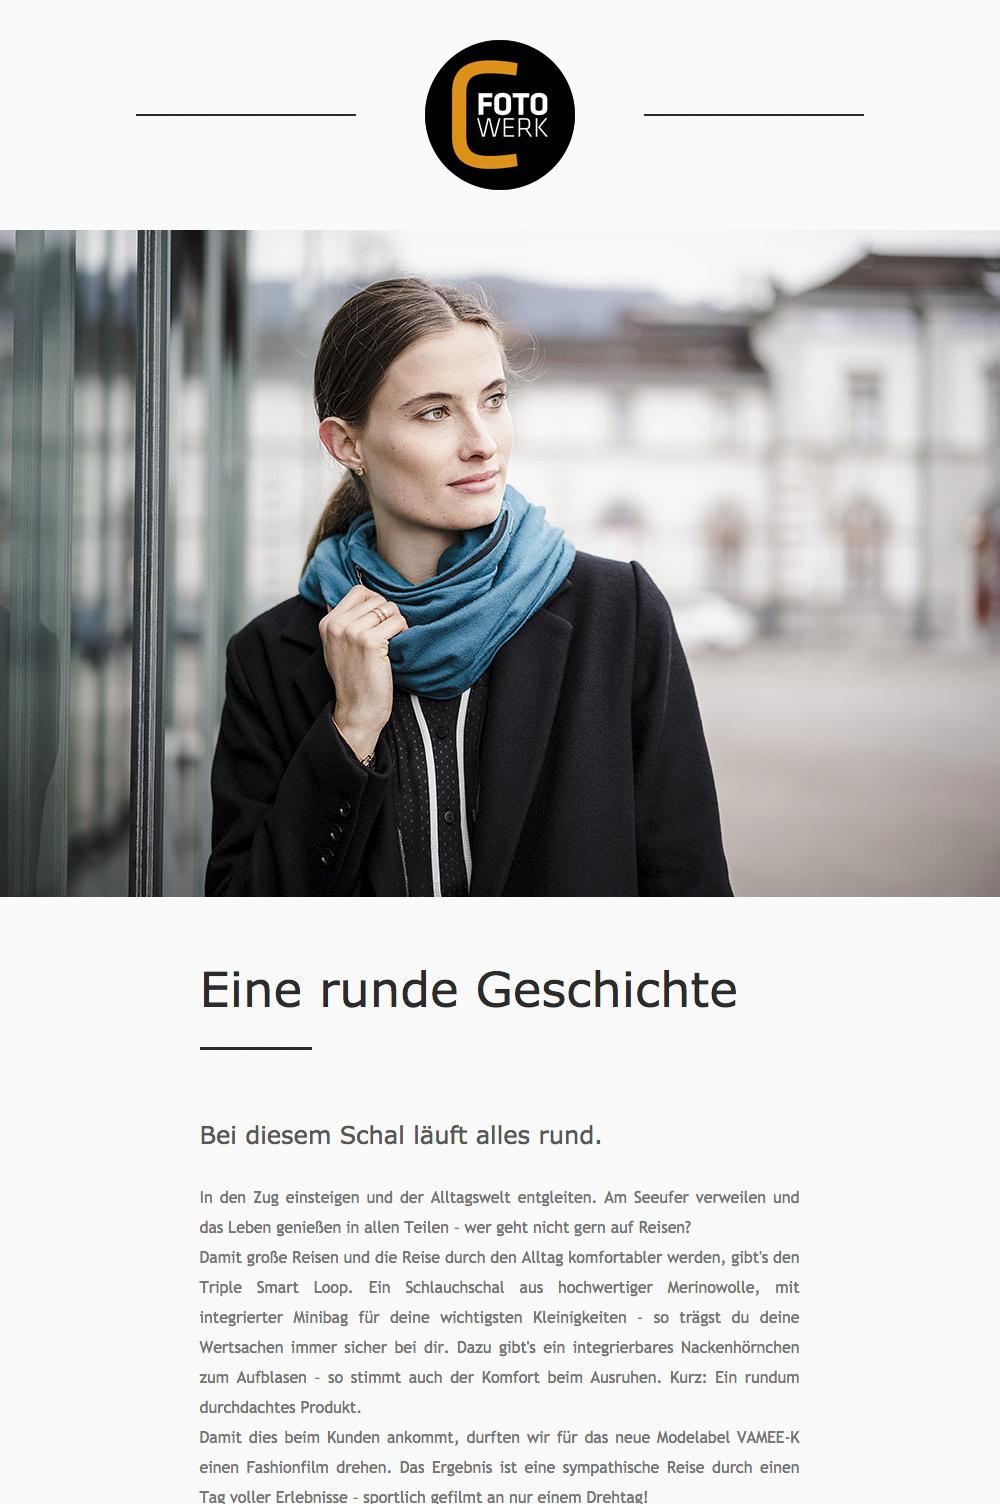 Fotowerk Newsletter 2019-01 - Modefotografie, Kunstfotografie, Businessfotografie